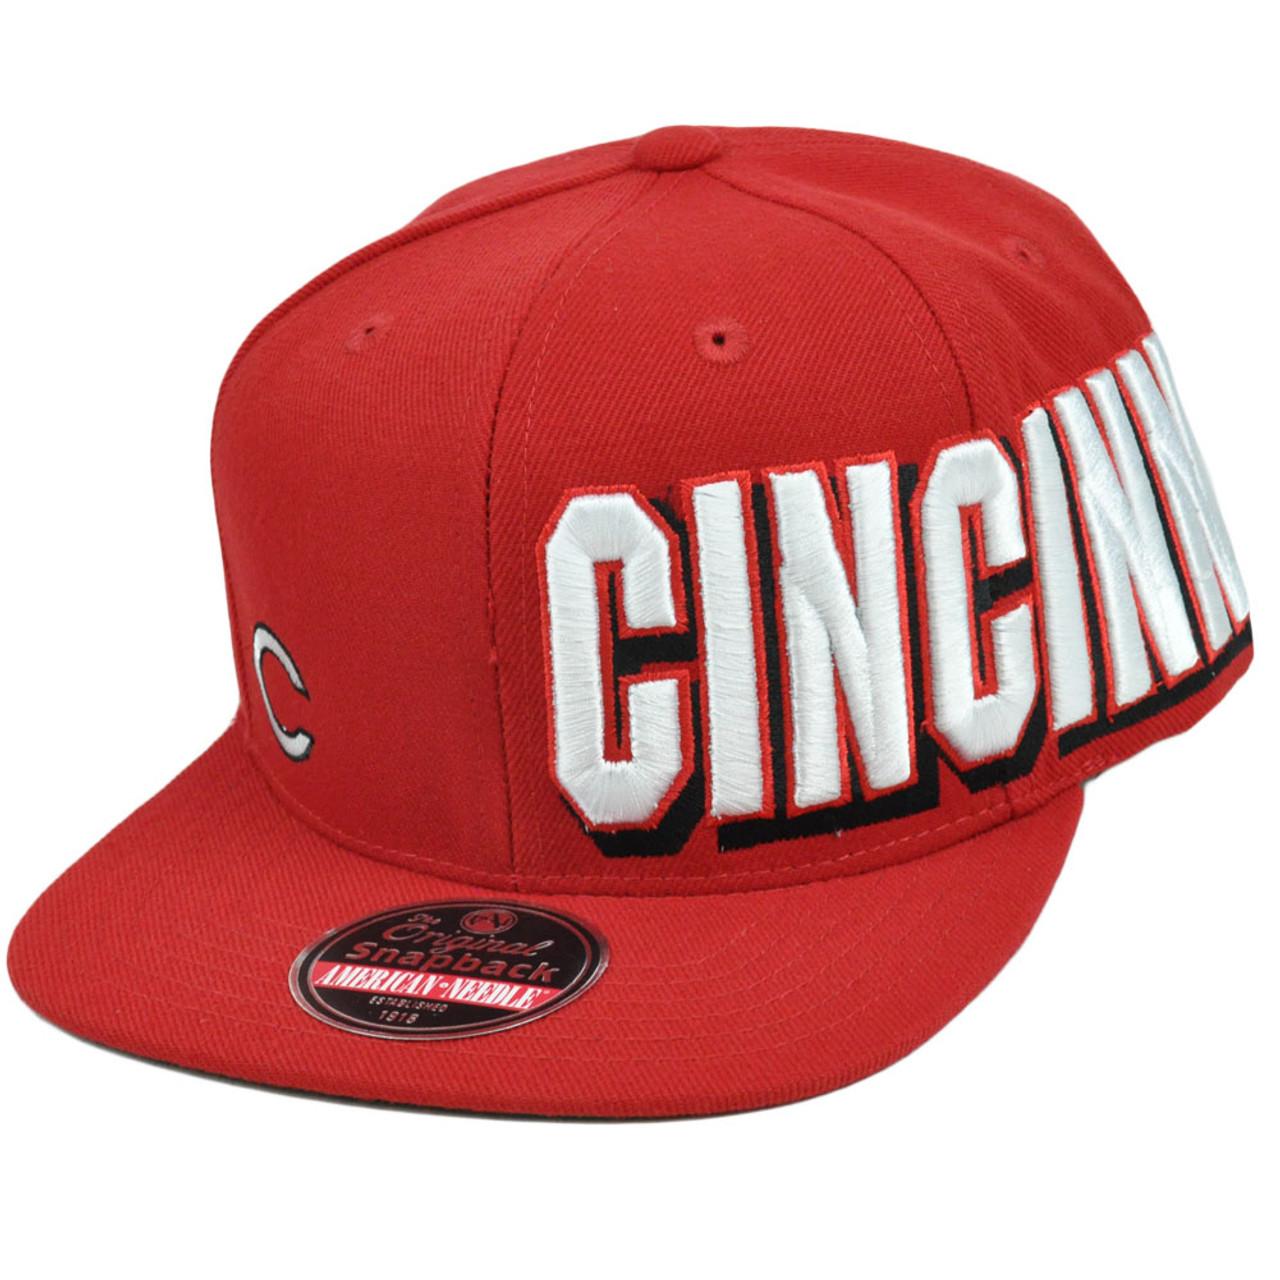 super popular 817ee 8407a MLB Cincinnati Reds Original Snapback Flat American Needle Blindside Hat Cap  - Cap Store Online.com